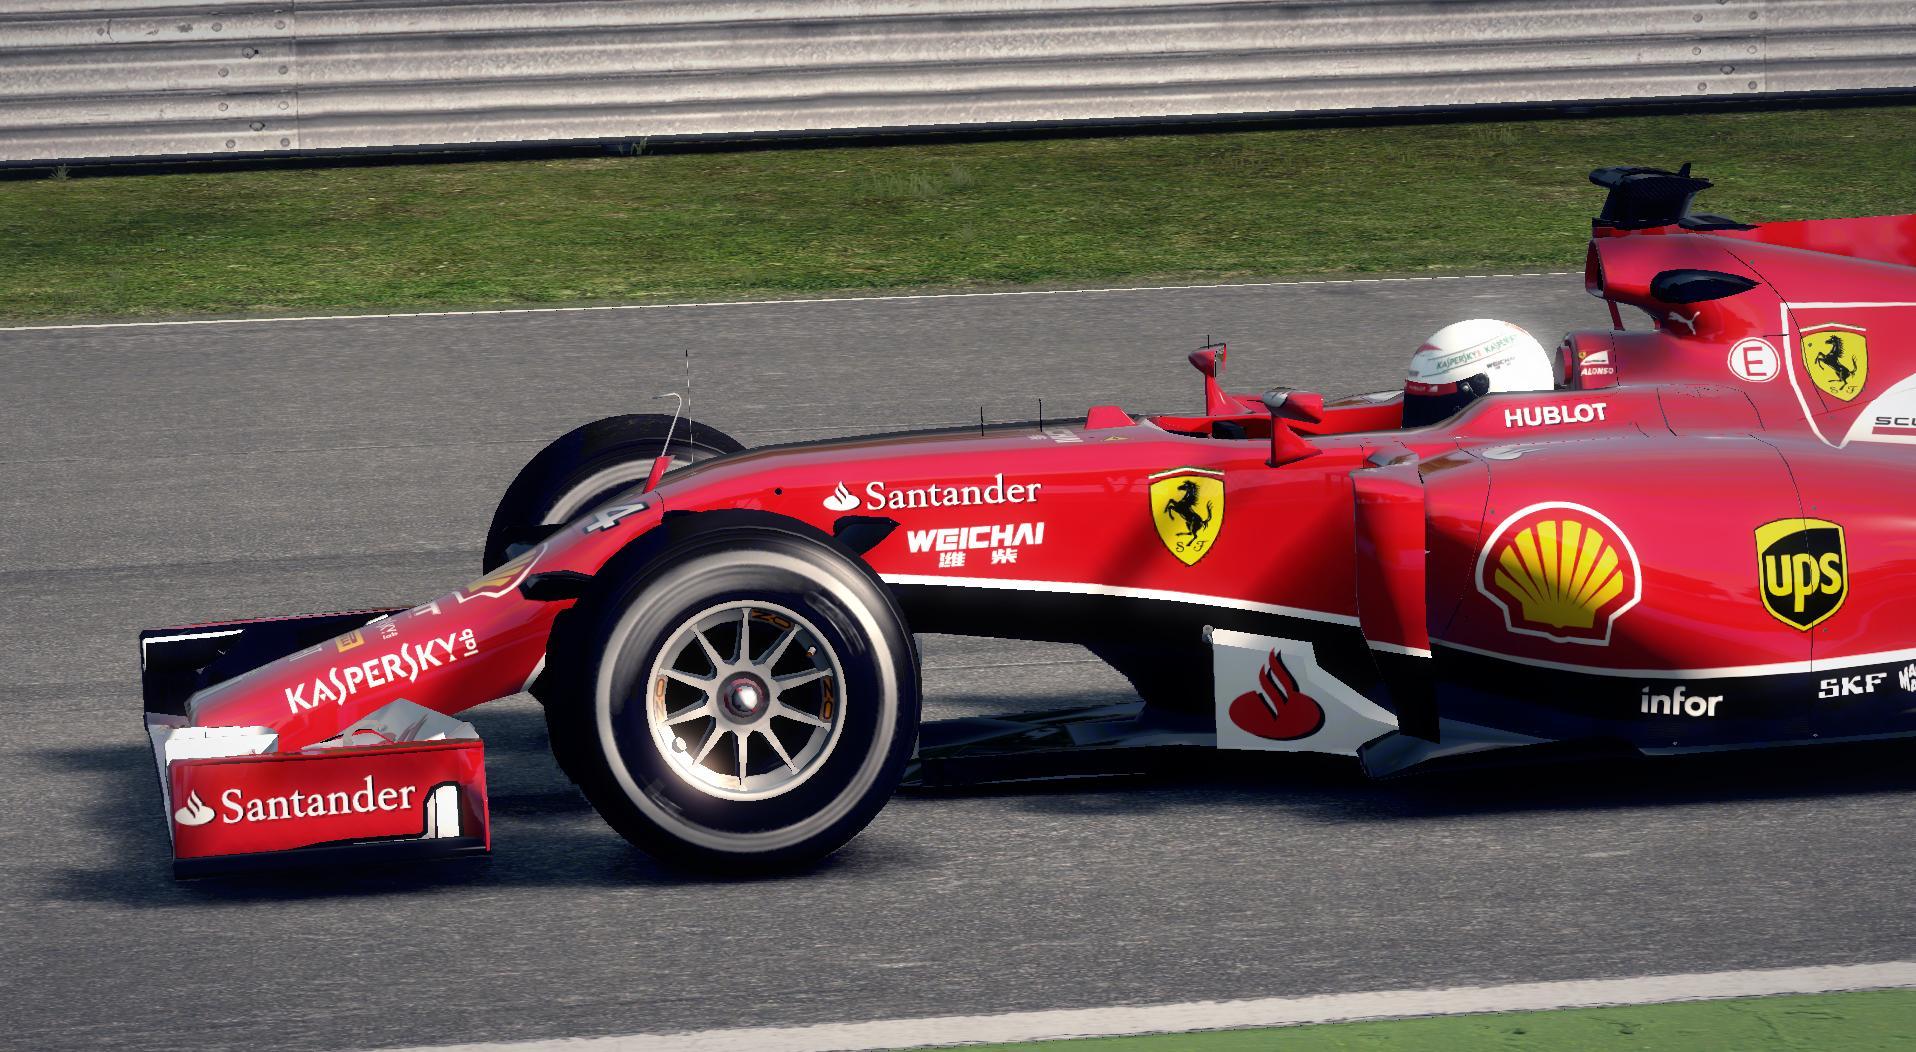 F1_2014 2014-11-30 12-02-49-07.jpg